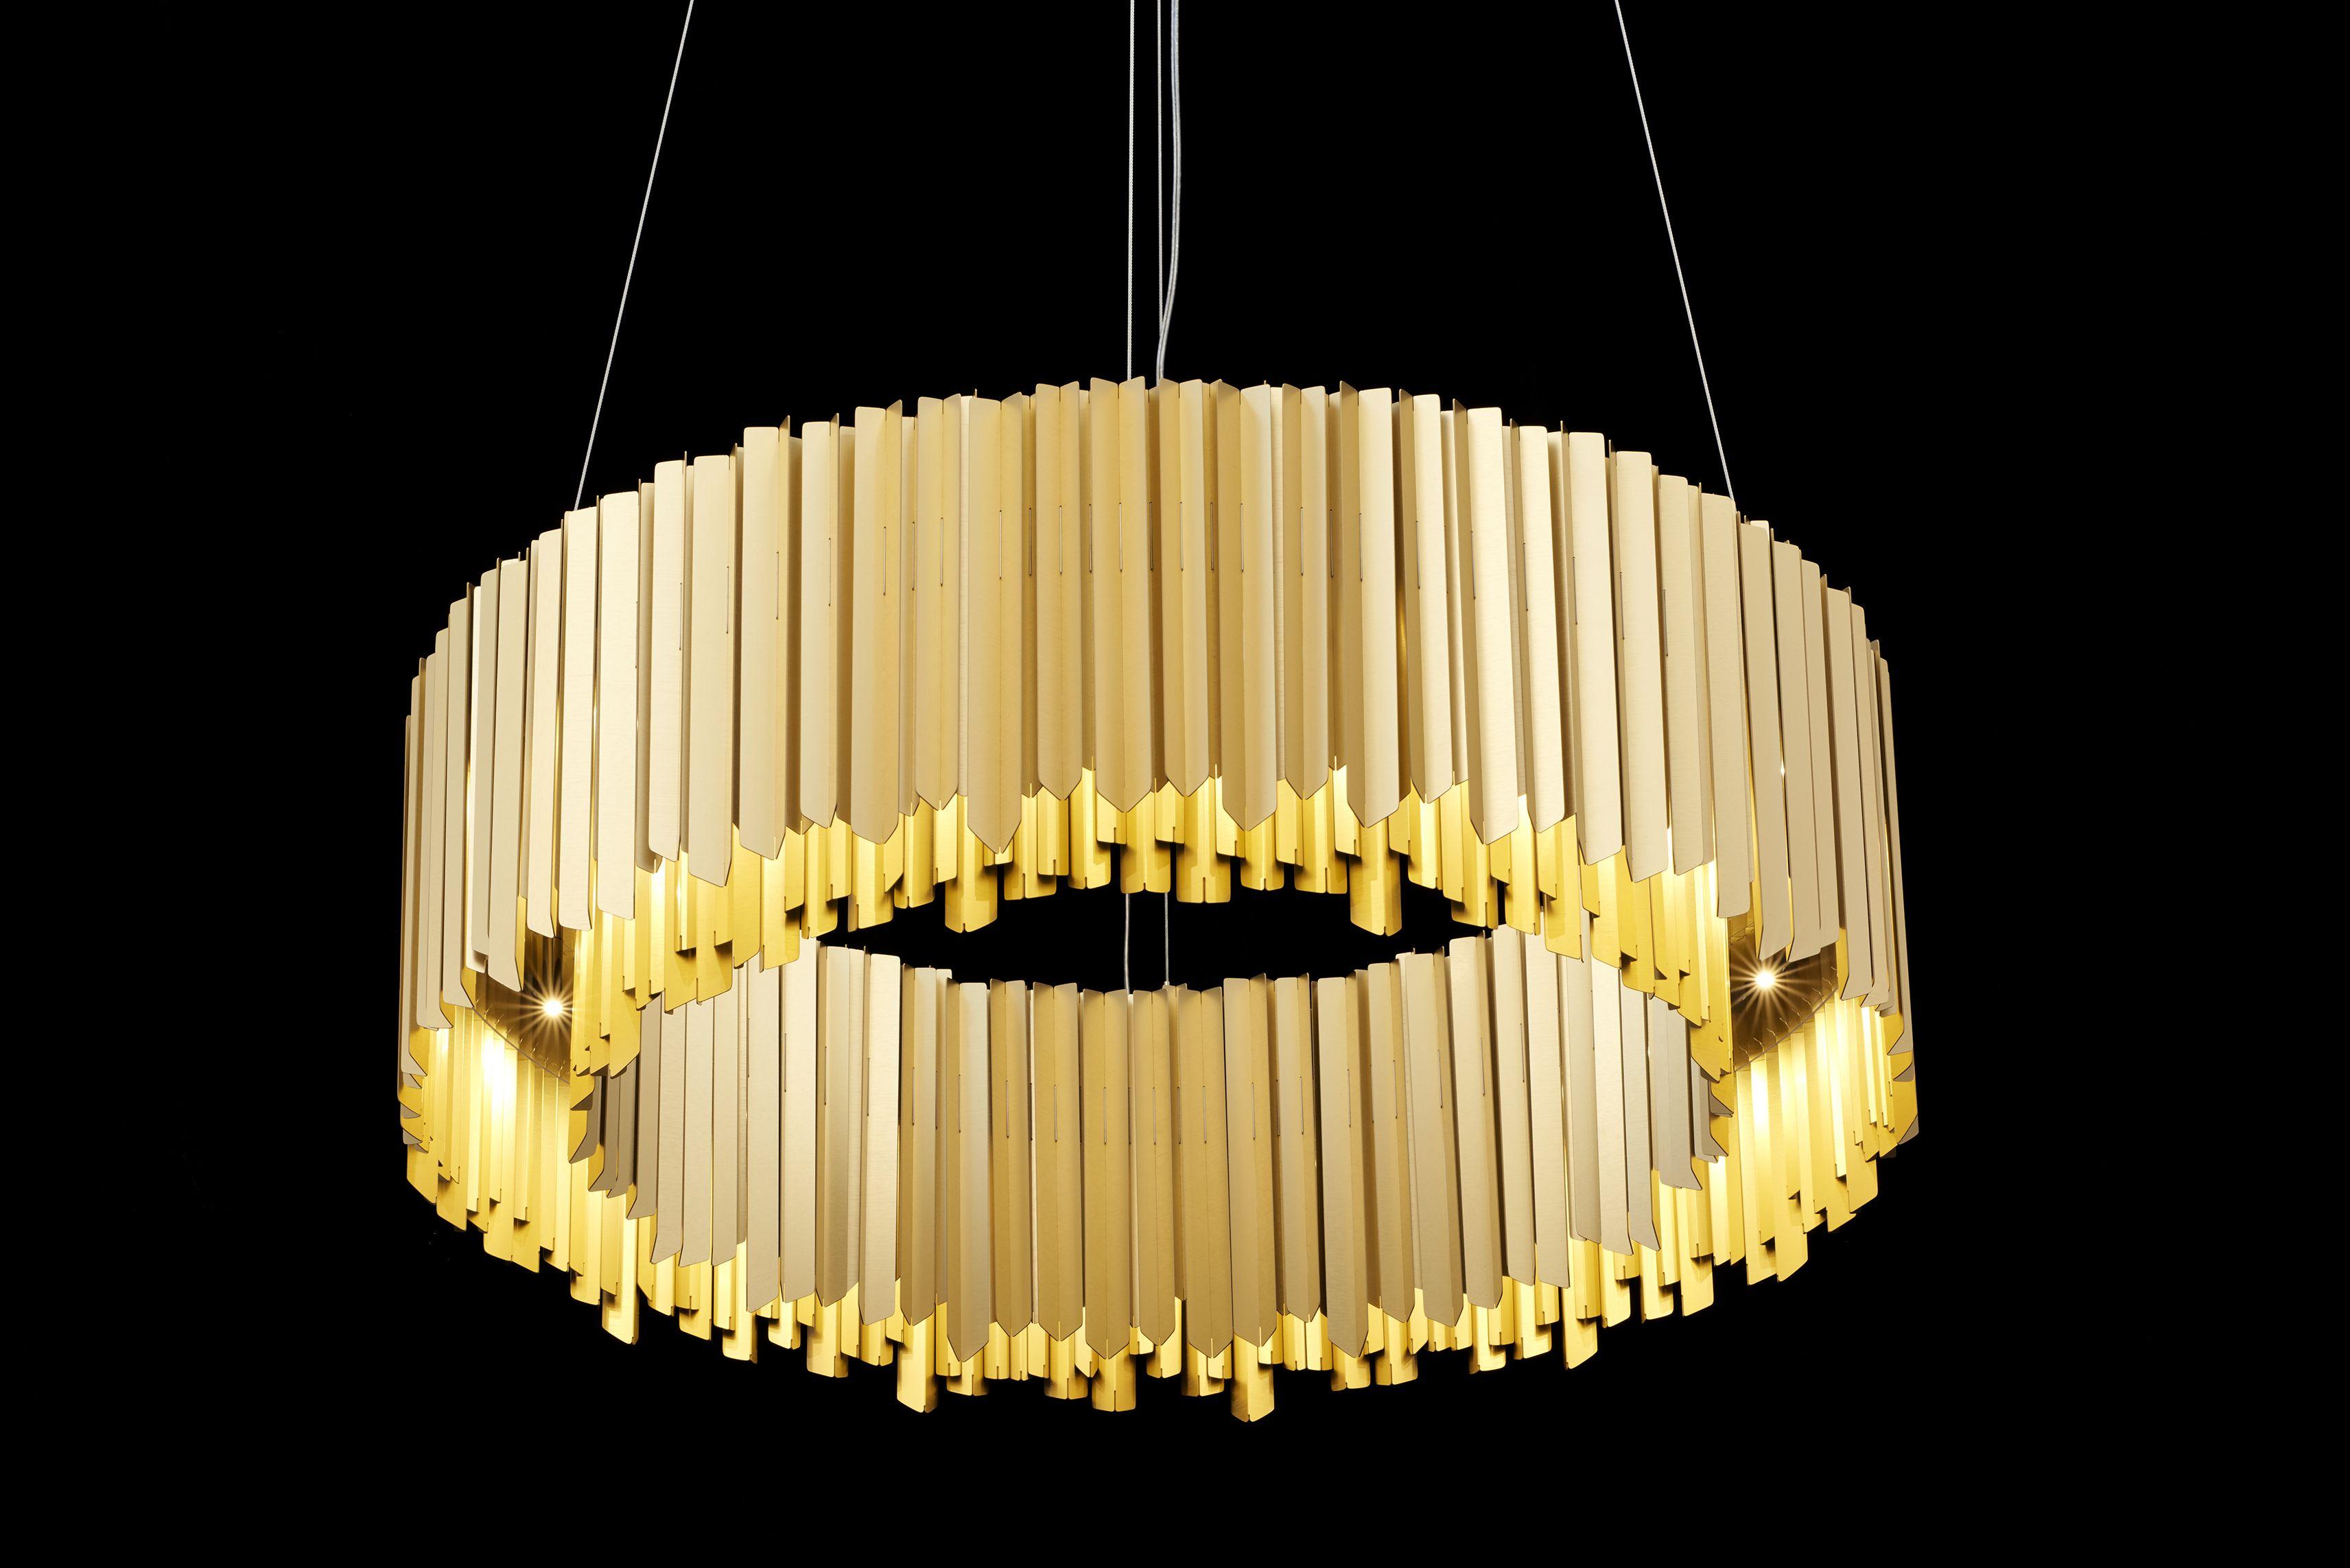 Facet Chandelier In Satin Gold #Anodisedaluminium #Lighting #Chandelier #Custom #Bespoke